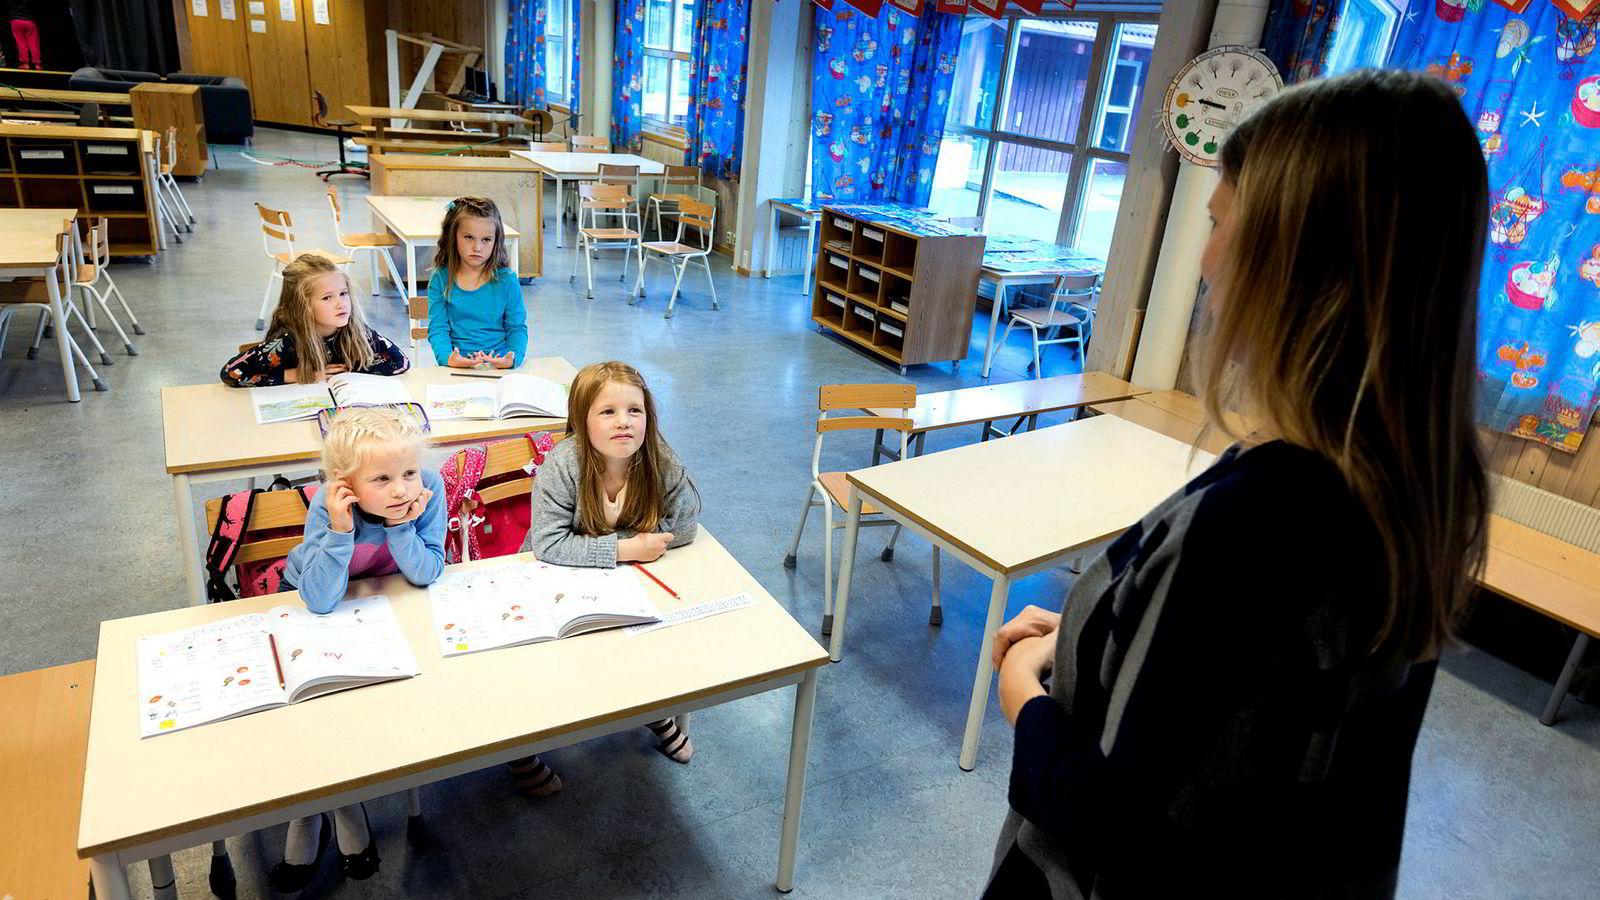 To av tre lærere uten tilstrekkelig pedagogisk utdannelse er ansatt i faste stillinger i grunnskolen, viser en rapport fra Statistisk sentralbyrå.